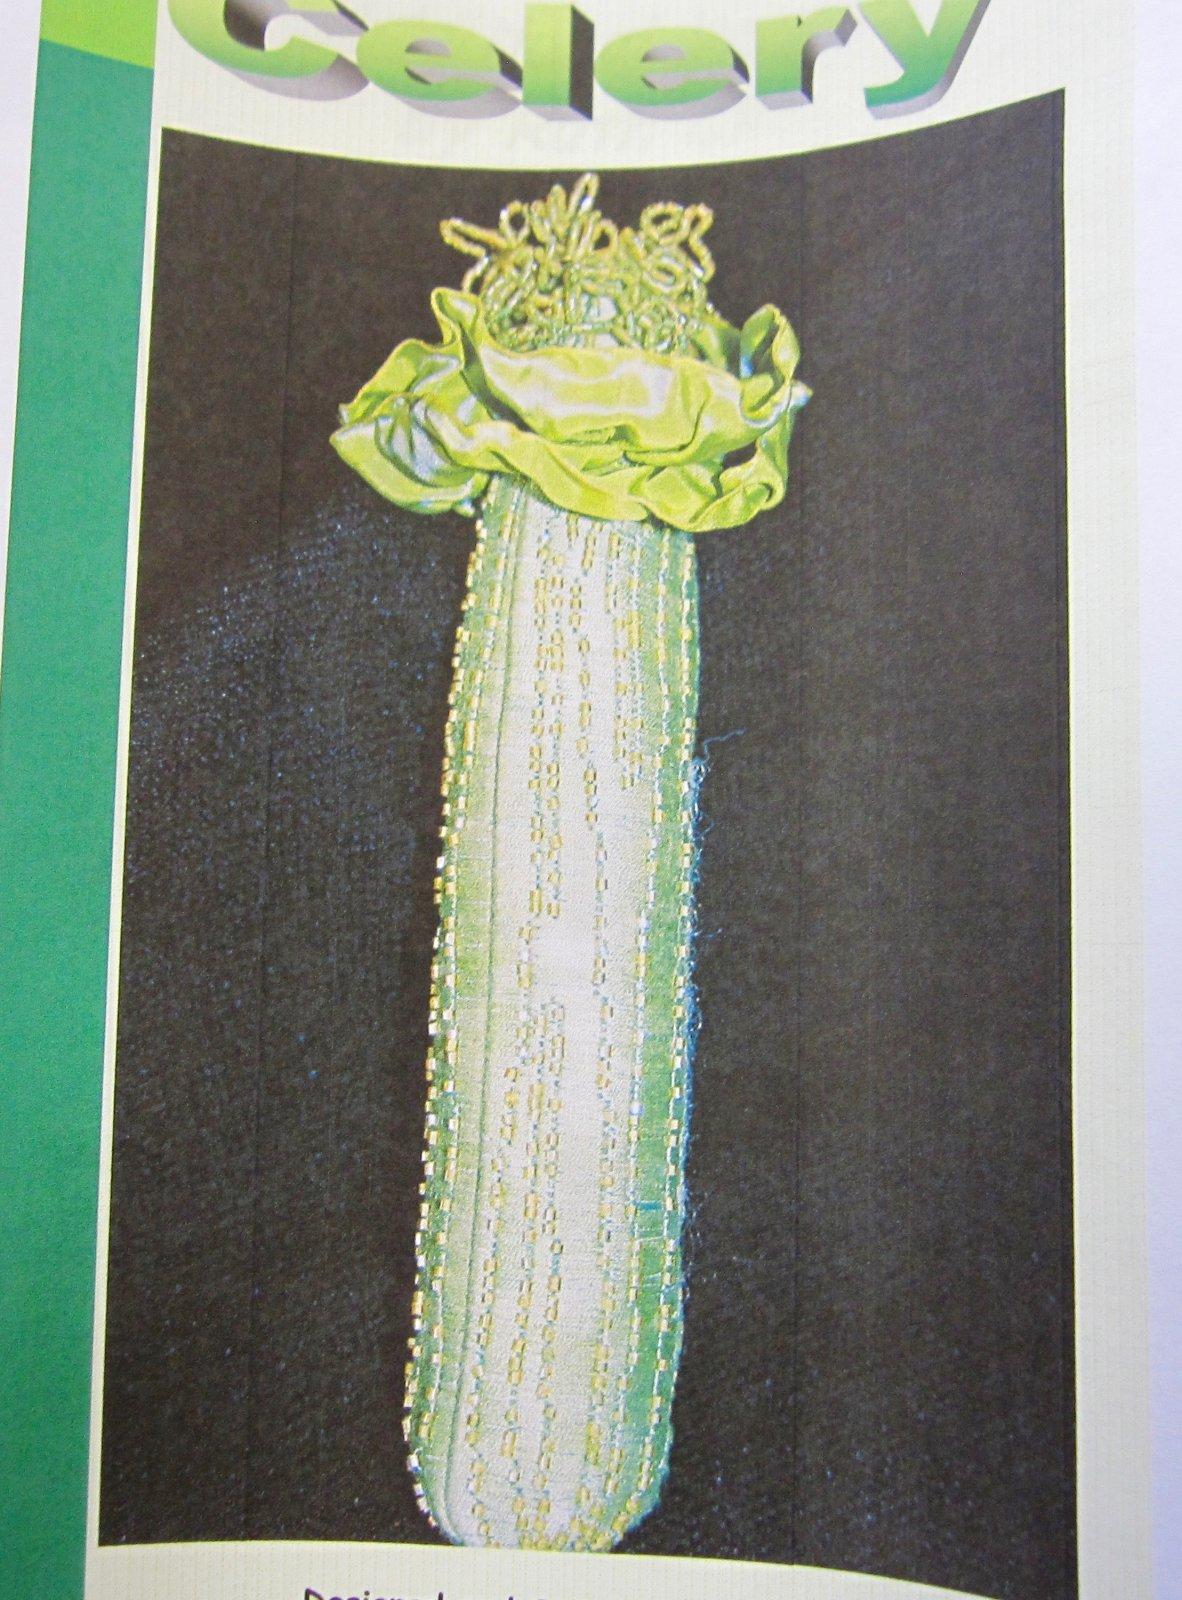 Ruth Chow Celery w/s.g.